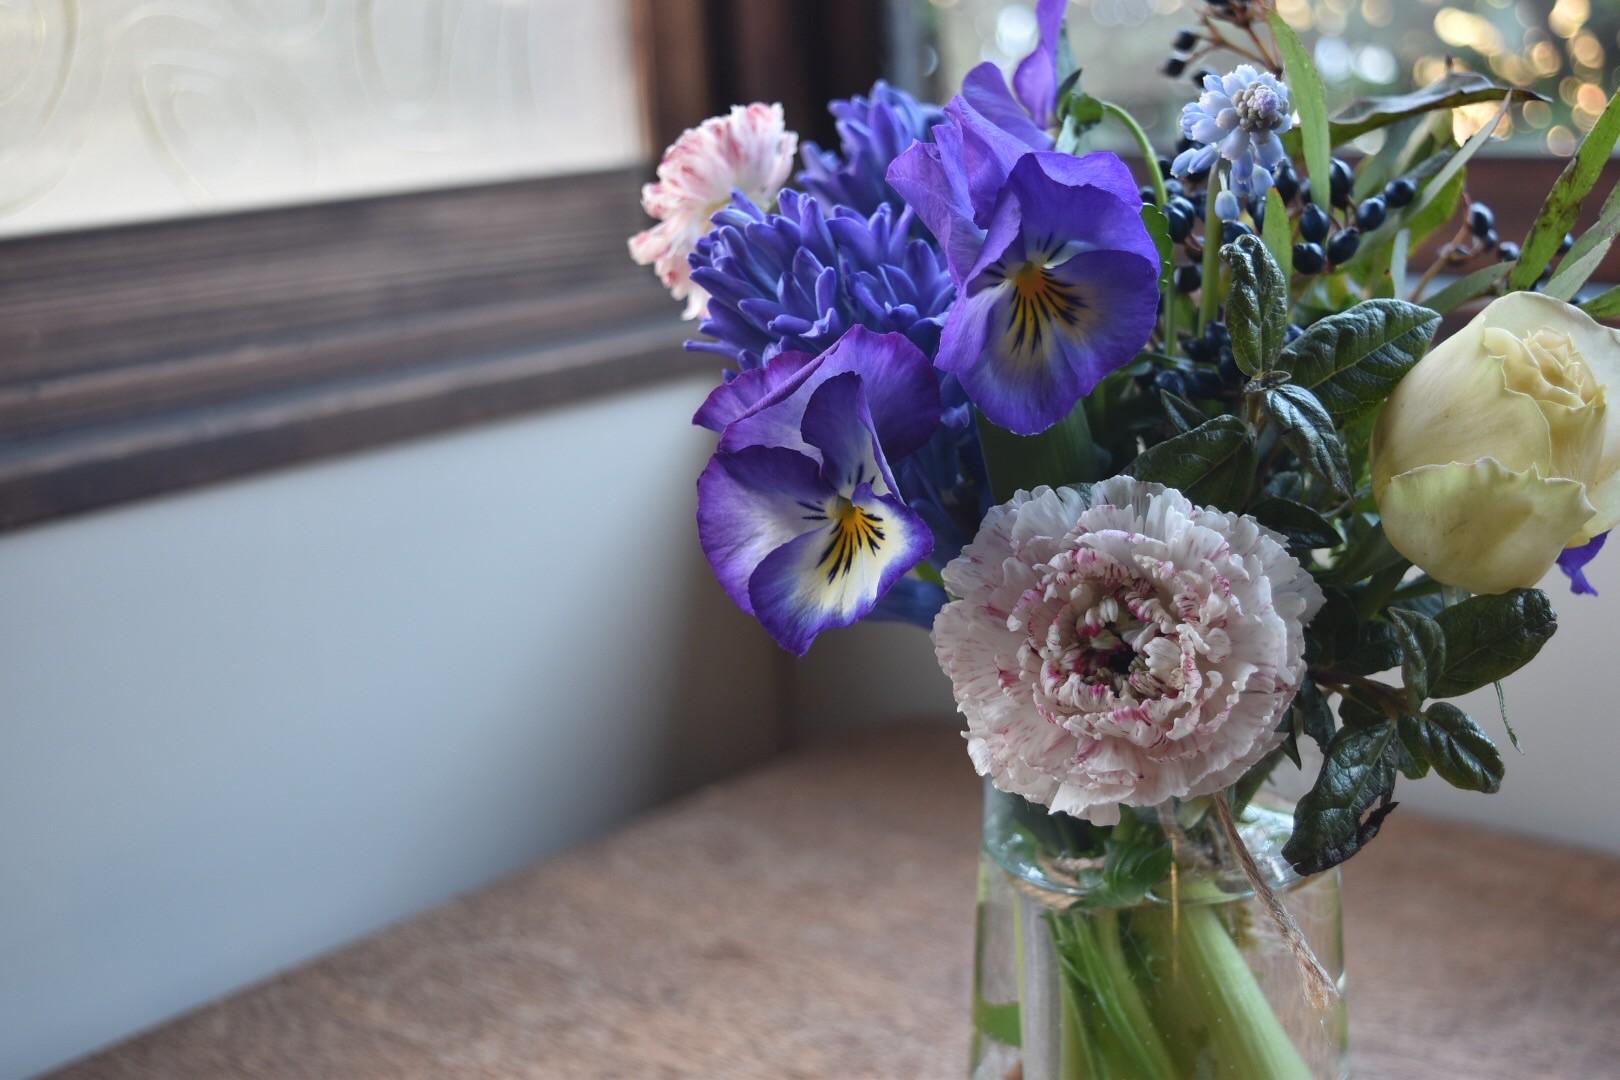 北中植物商店がセレクトする季節の草花を毎月定期的にお届け。